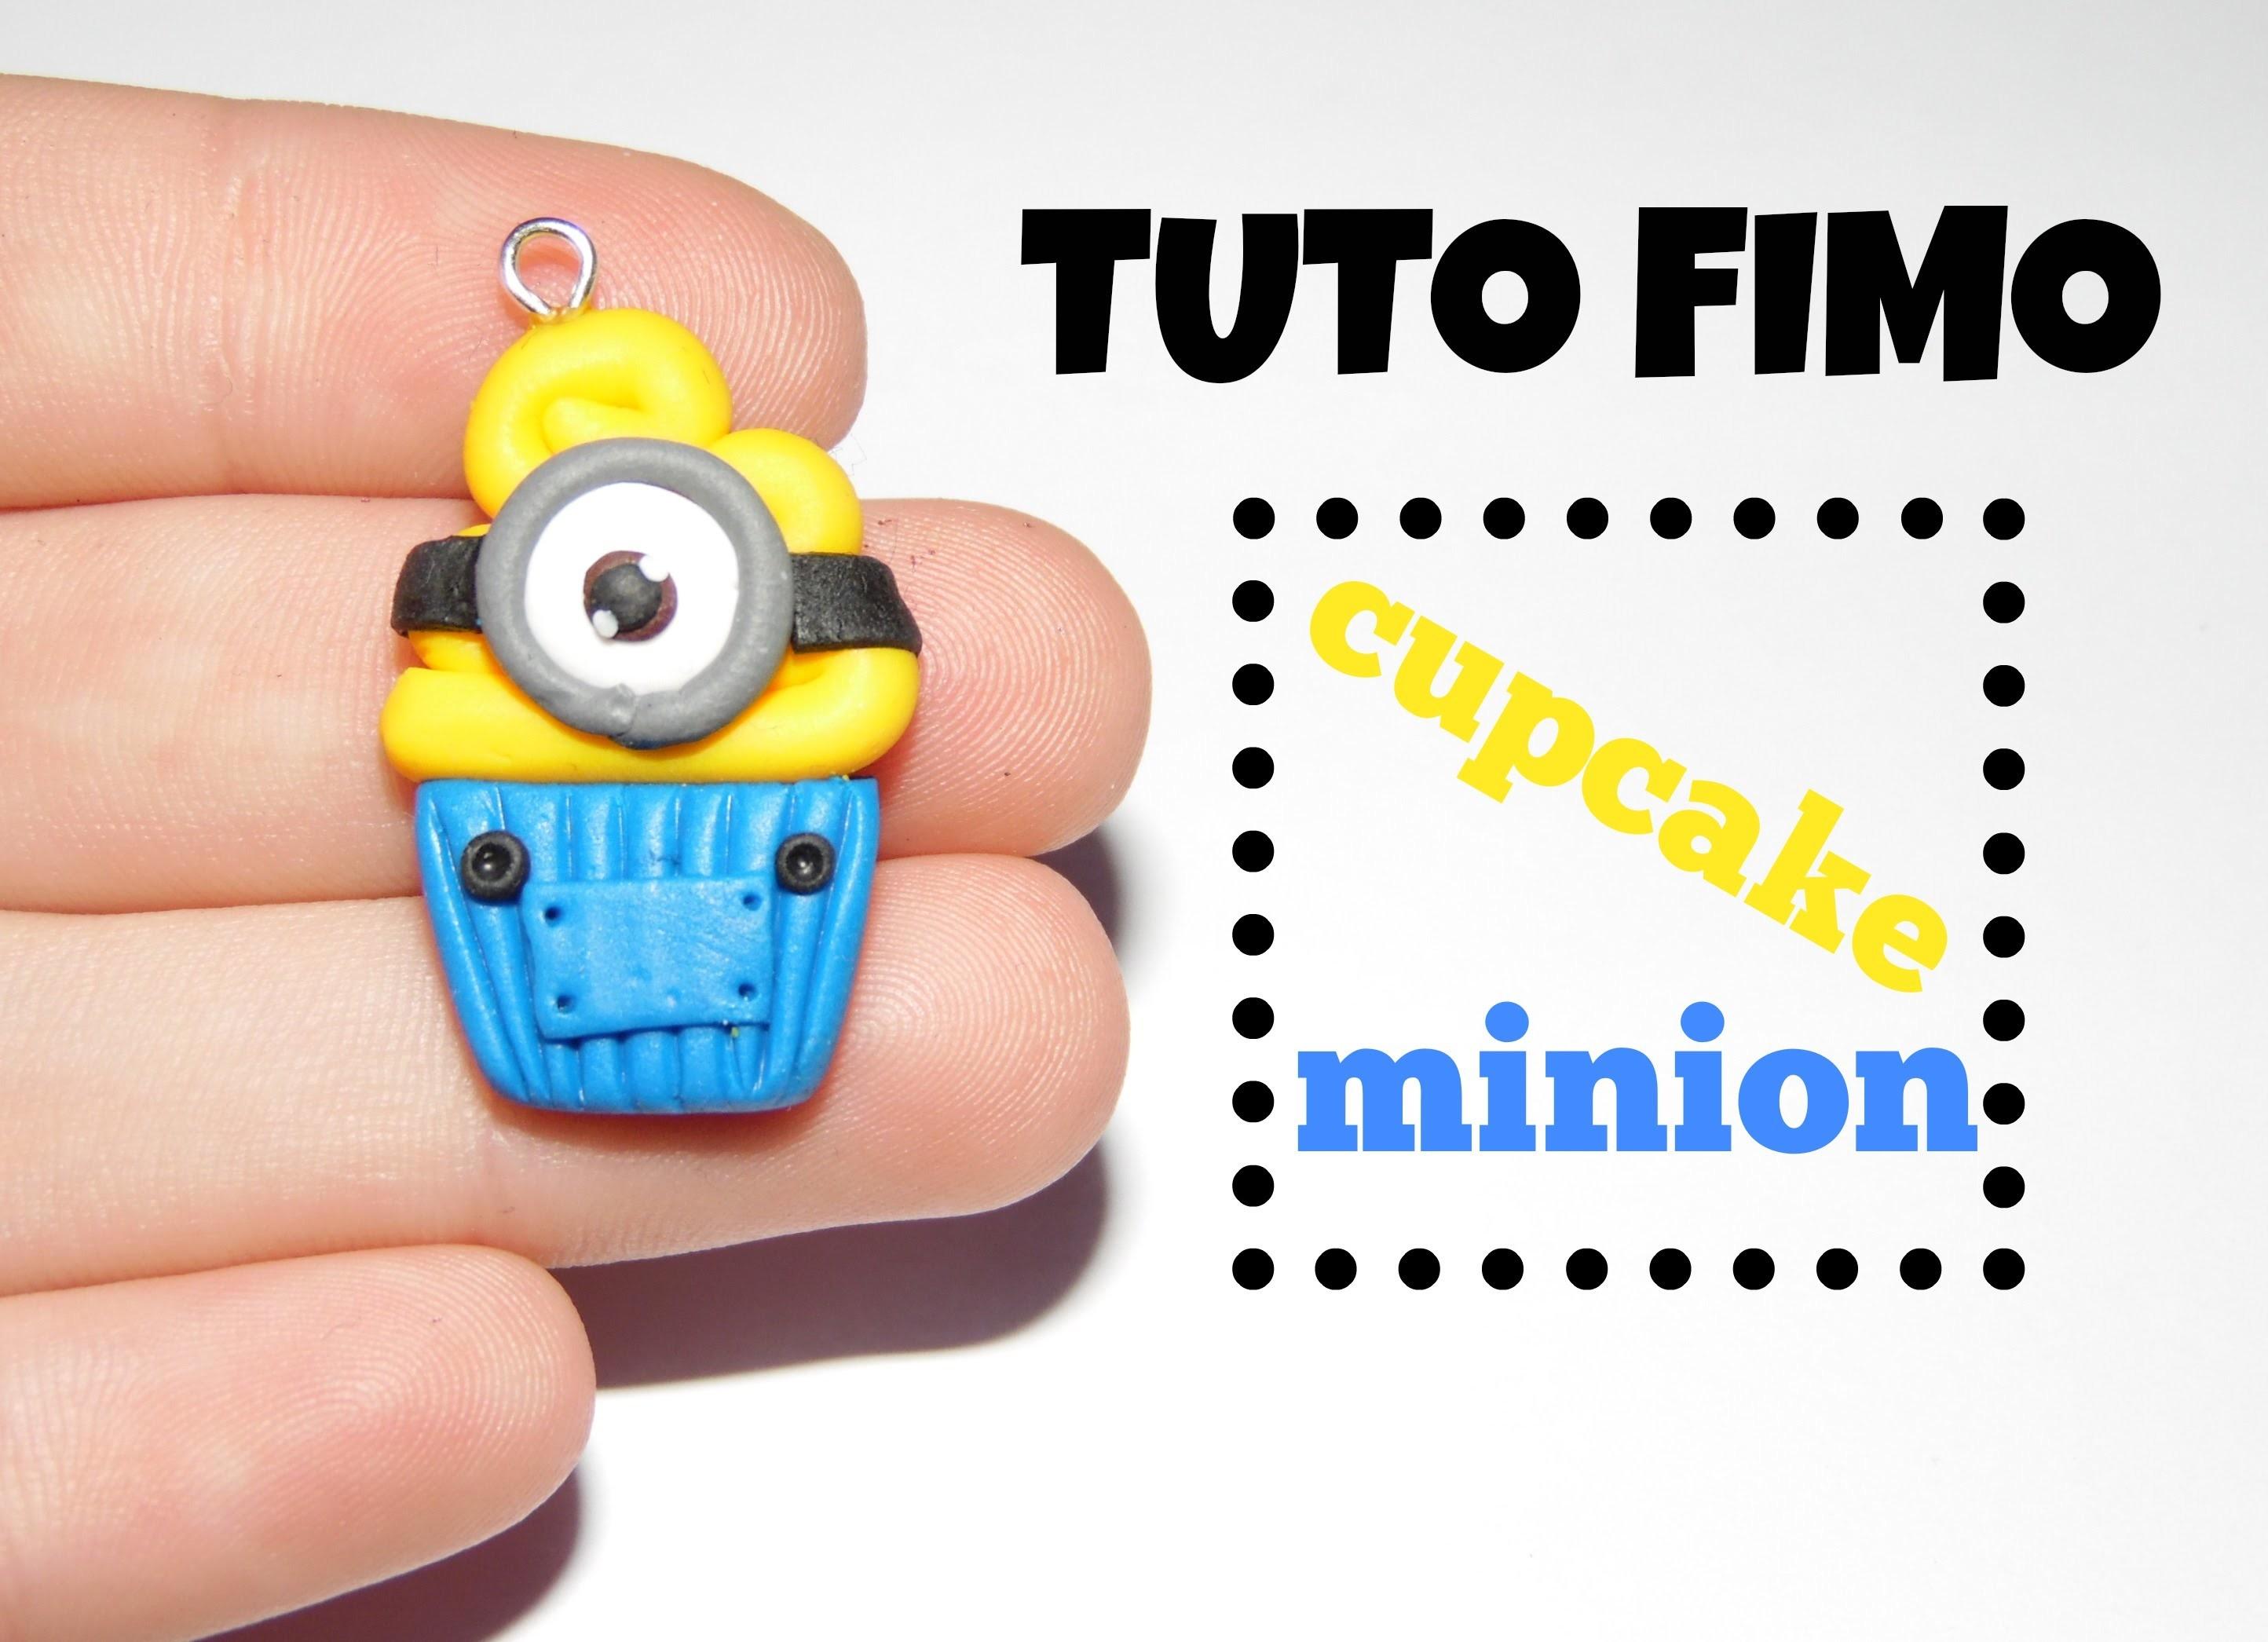 TUTO FIMO → Cupcake minion. minion cupcake polymer clay tutorial